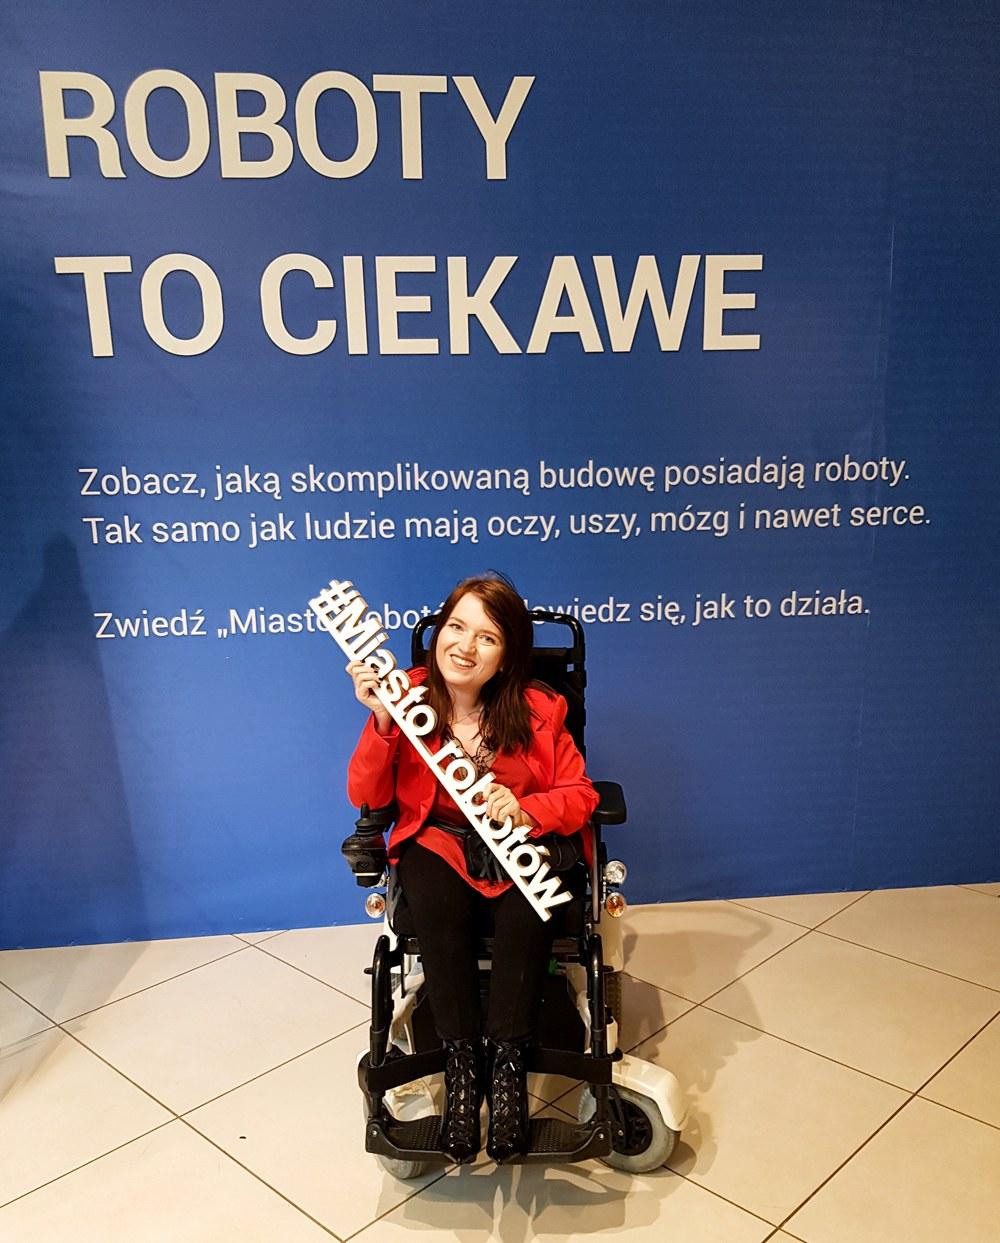 czy warto odwiedzić miasto robotów w Poznaniu M1 do kiedy za ile